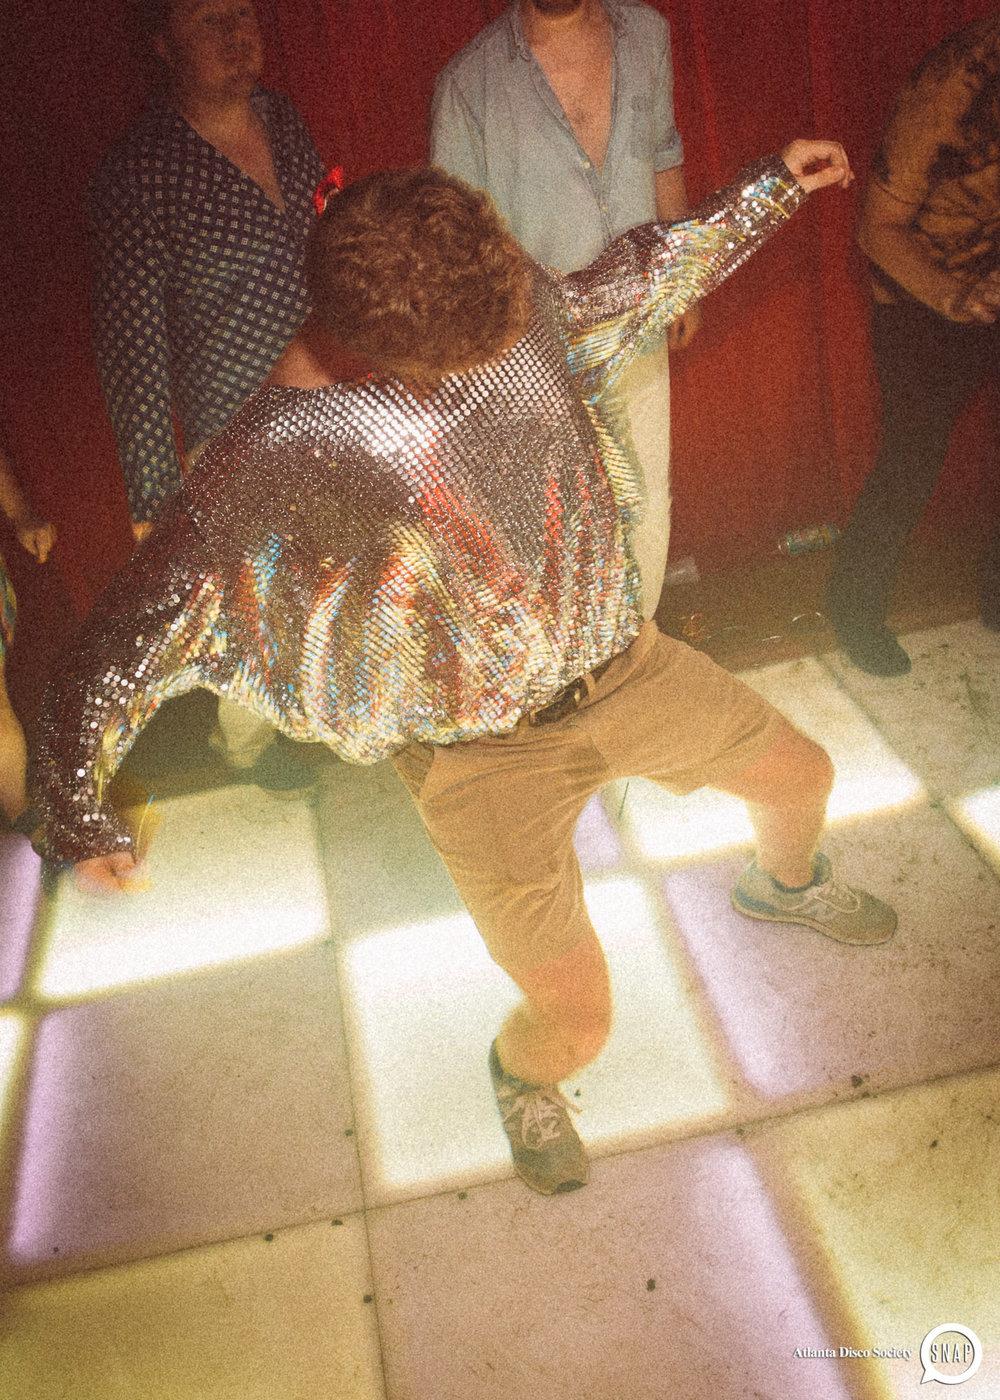 ATL Disco Society-184.jpg